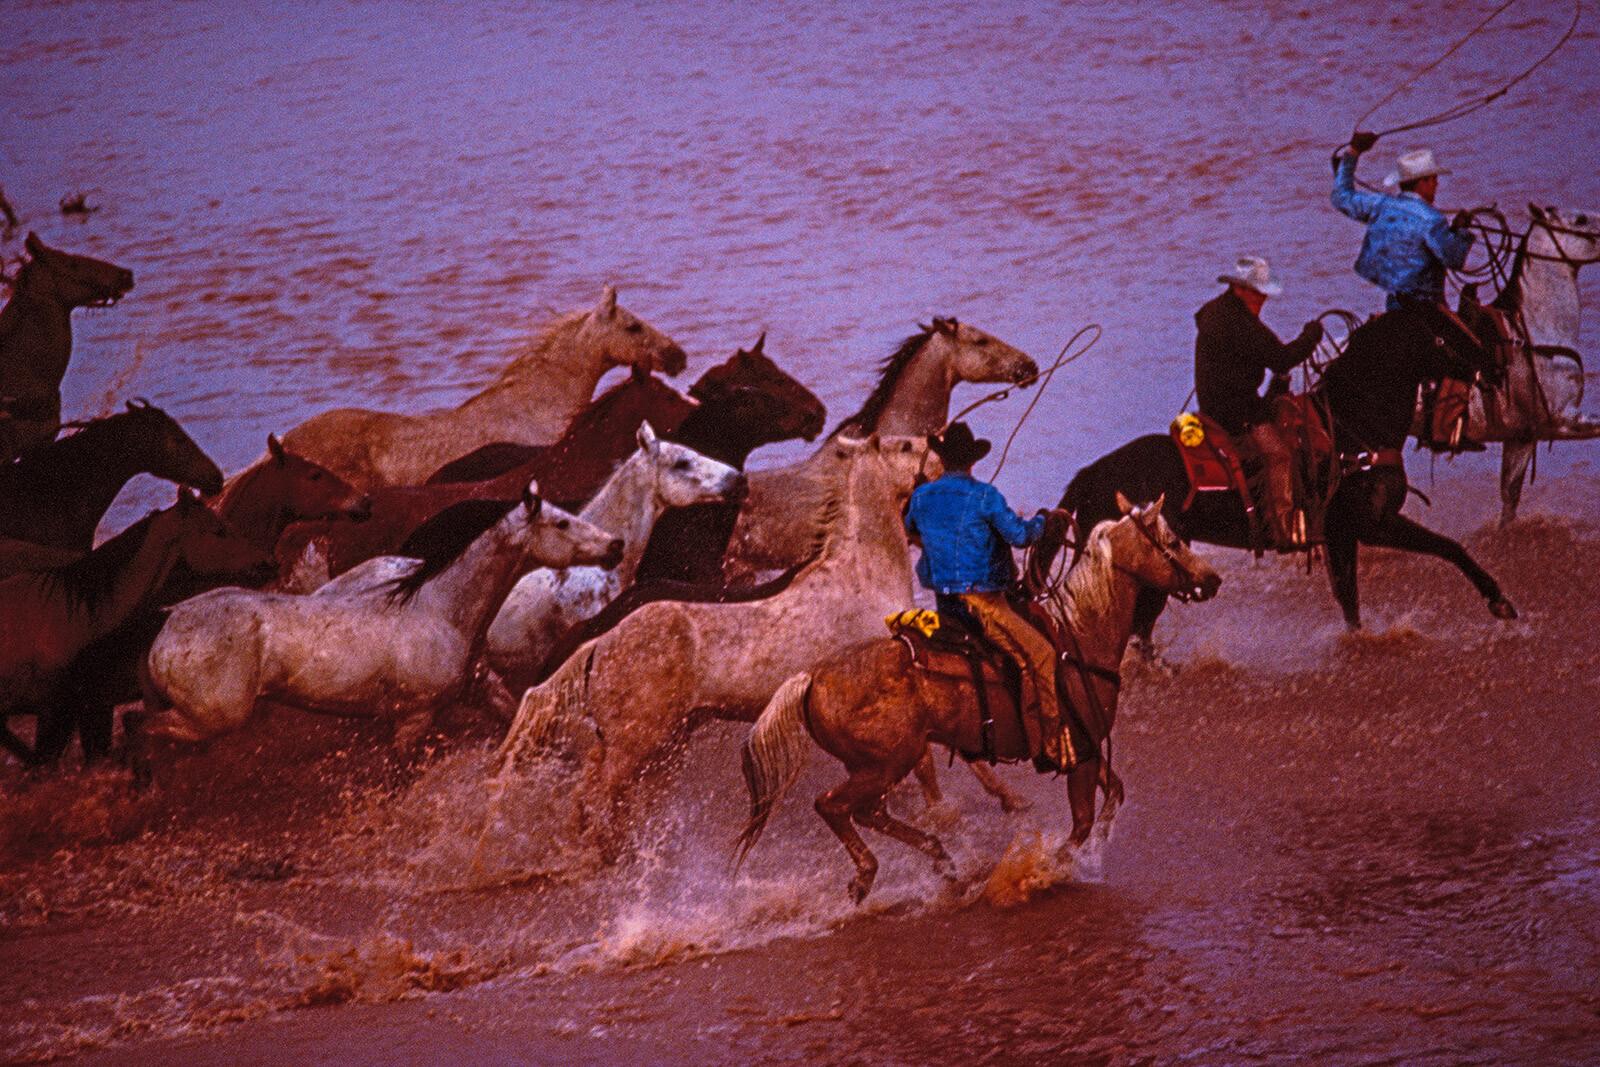 Wildes Wasser, Texas - Dieter Blum